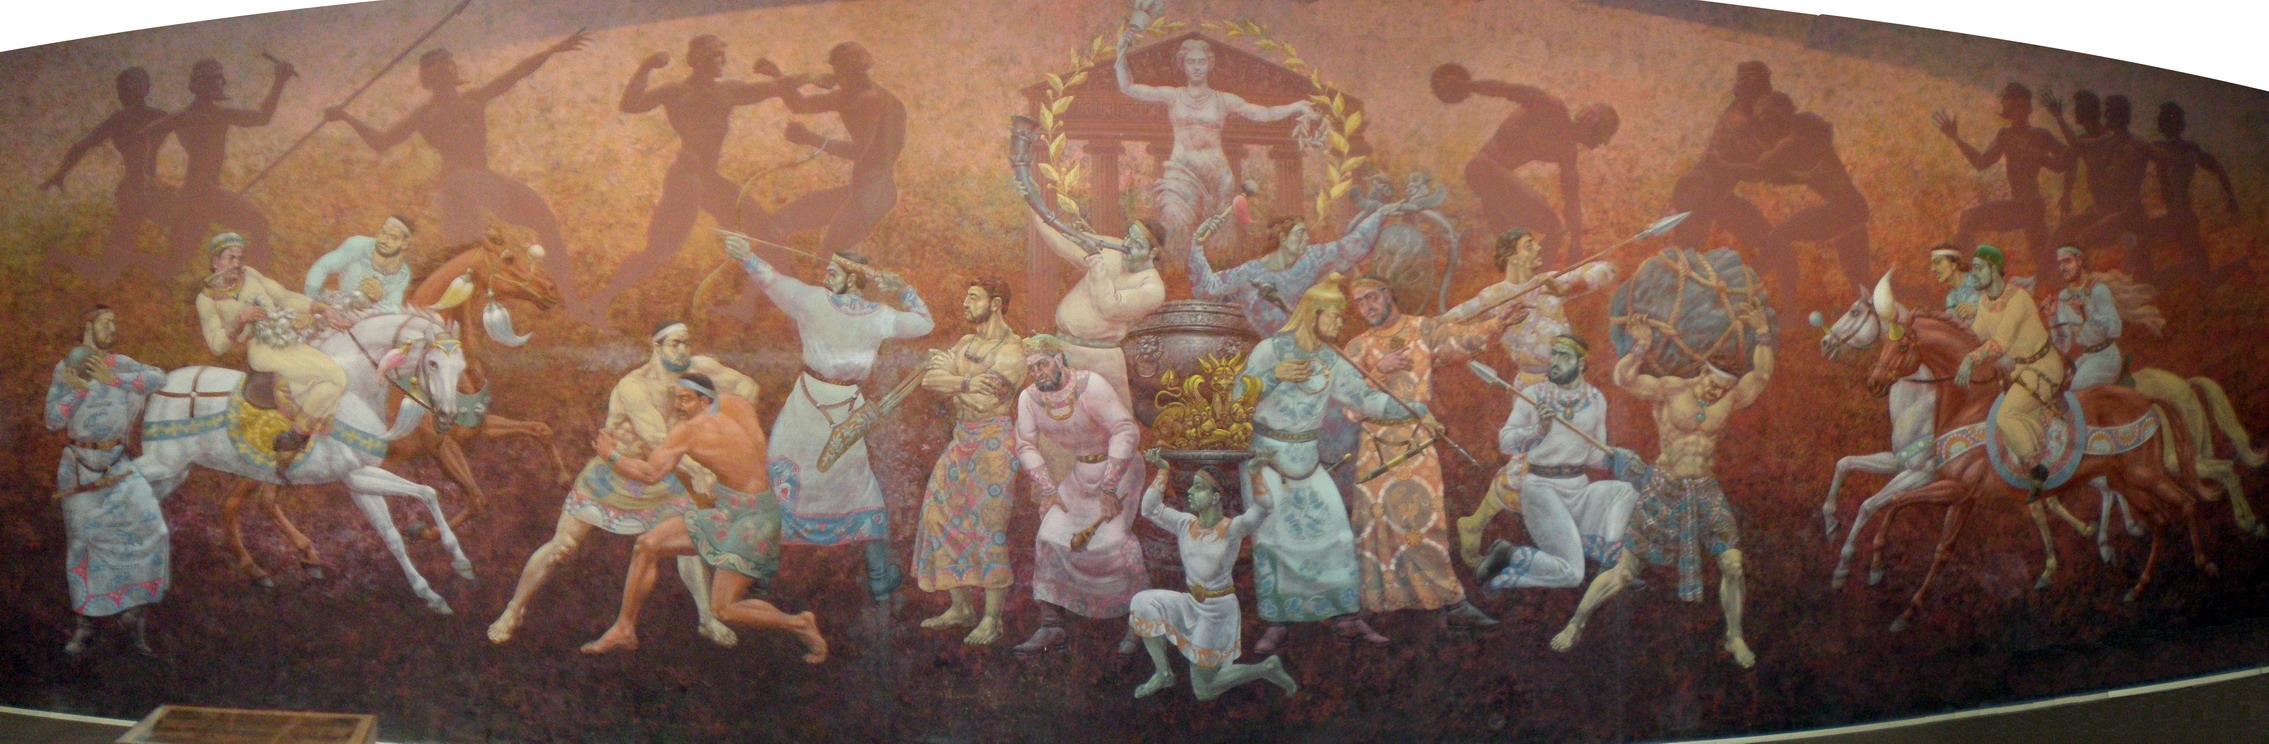 «Спортивные игры Древней Бактрии». Панно в Музее Олимпийской Славы. Ташкент